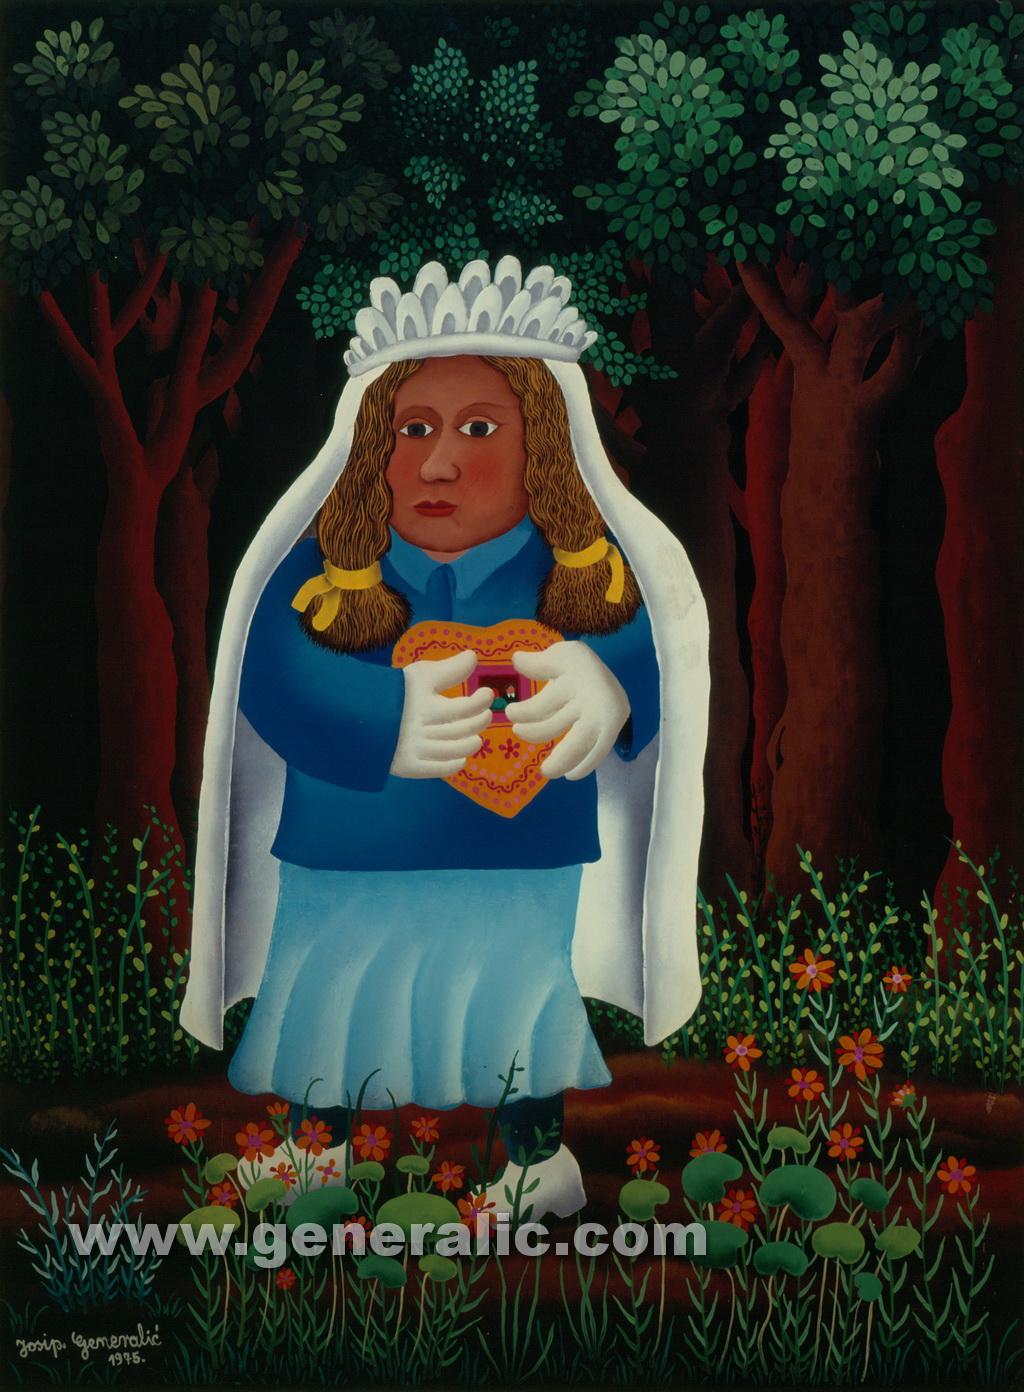 Josip Generalic, 1975, Bride in forest, oil on glass, 49x66 cm